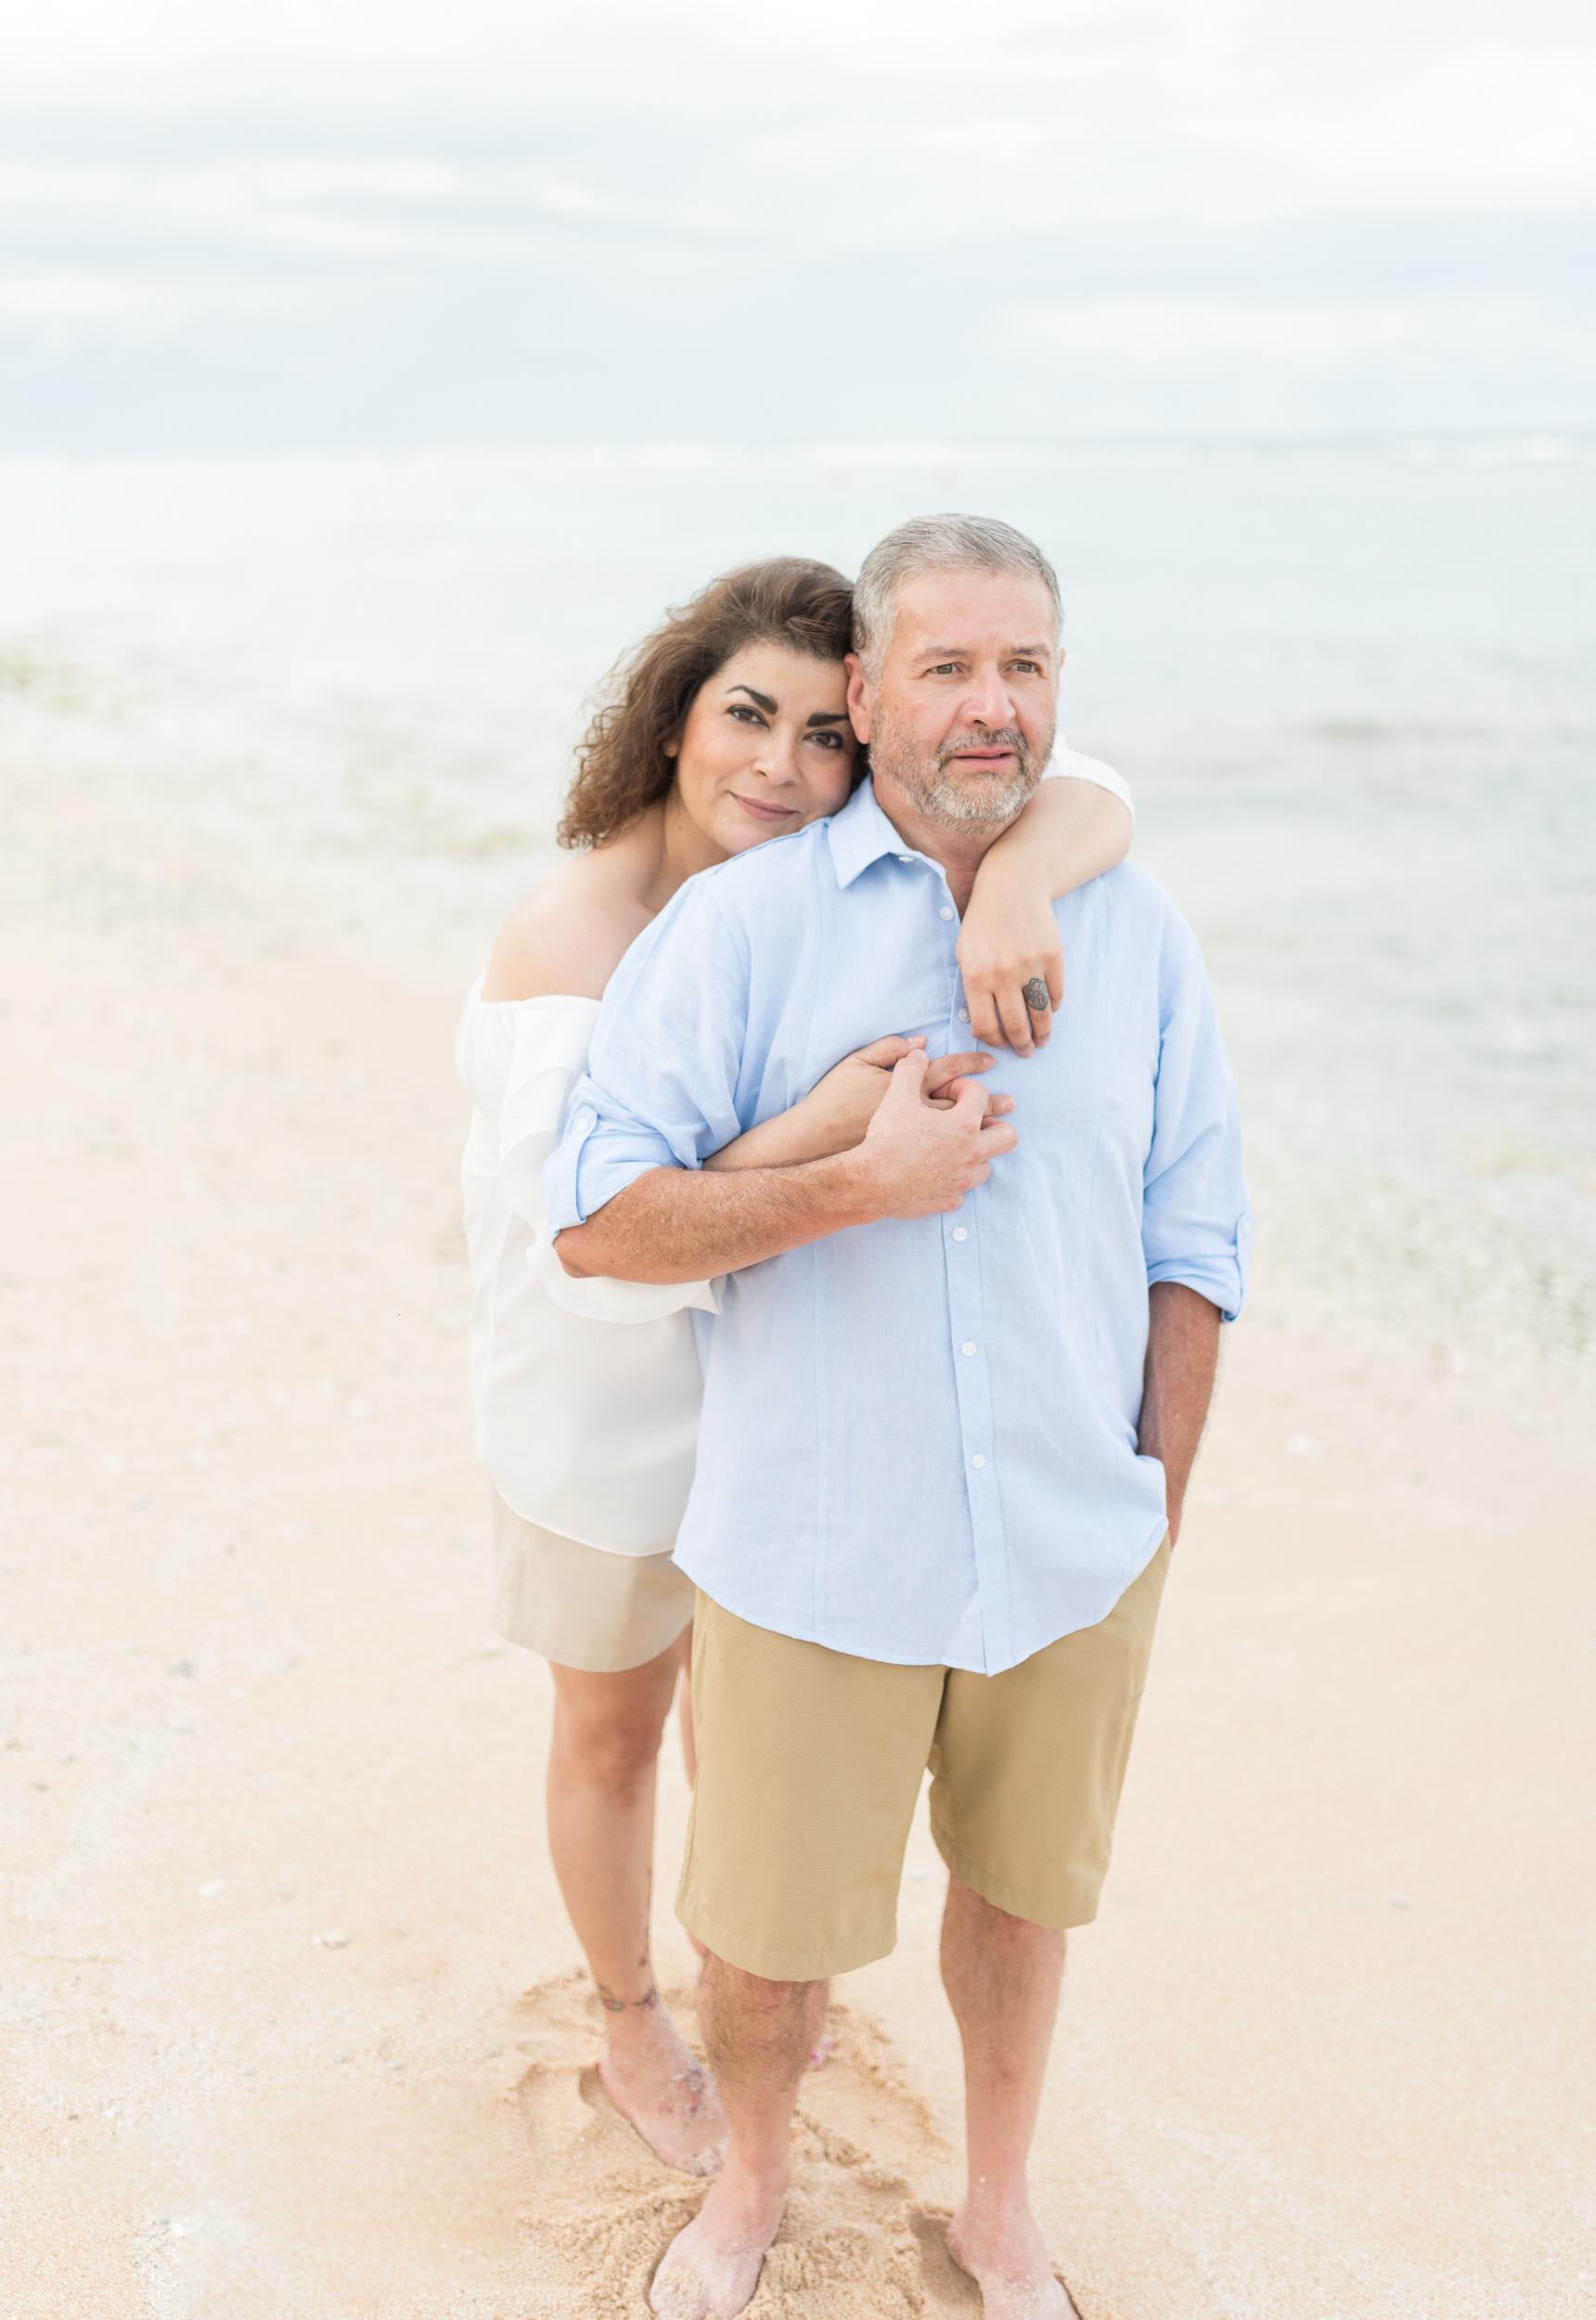 CouplesSessionTaragueGuamPhotographer-ROXANNEAUGUSTA-5.jpg